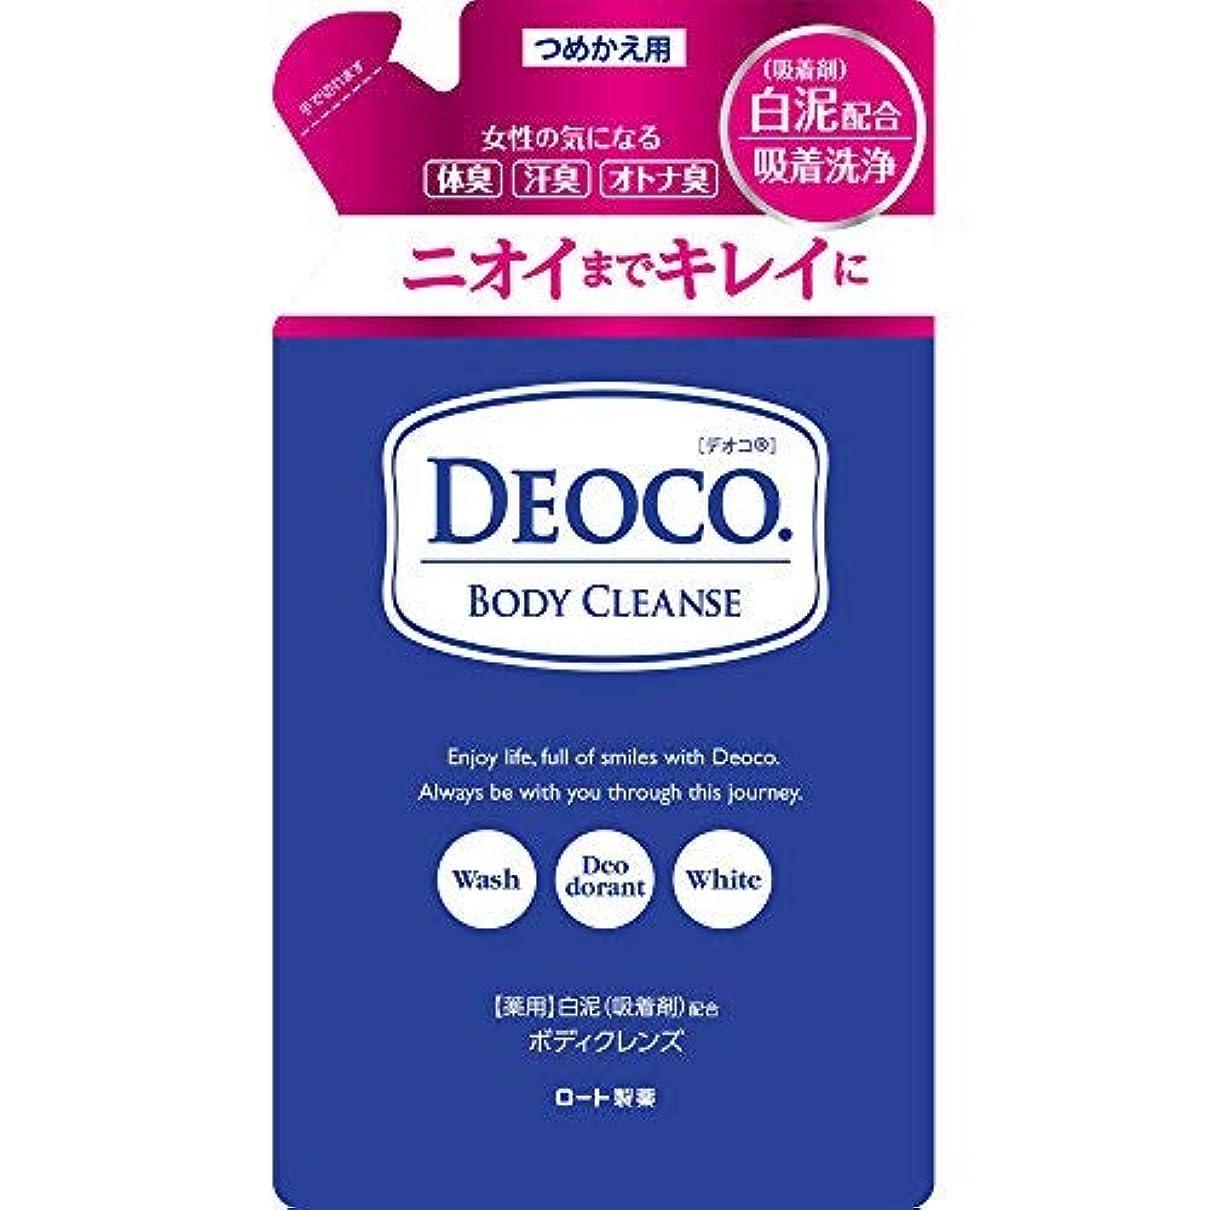 忠実な海藻単にロート製薬 デオコ DEOCO 薬用 ボディクレンズ 詰め替え 250ml × 5個セット